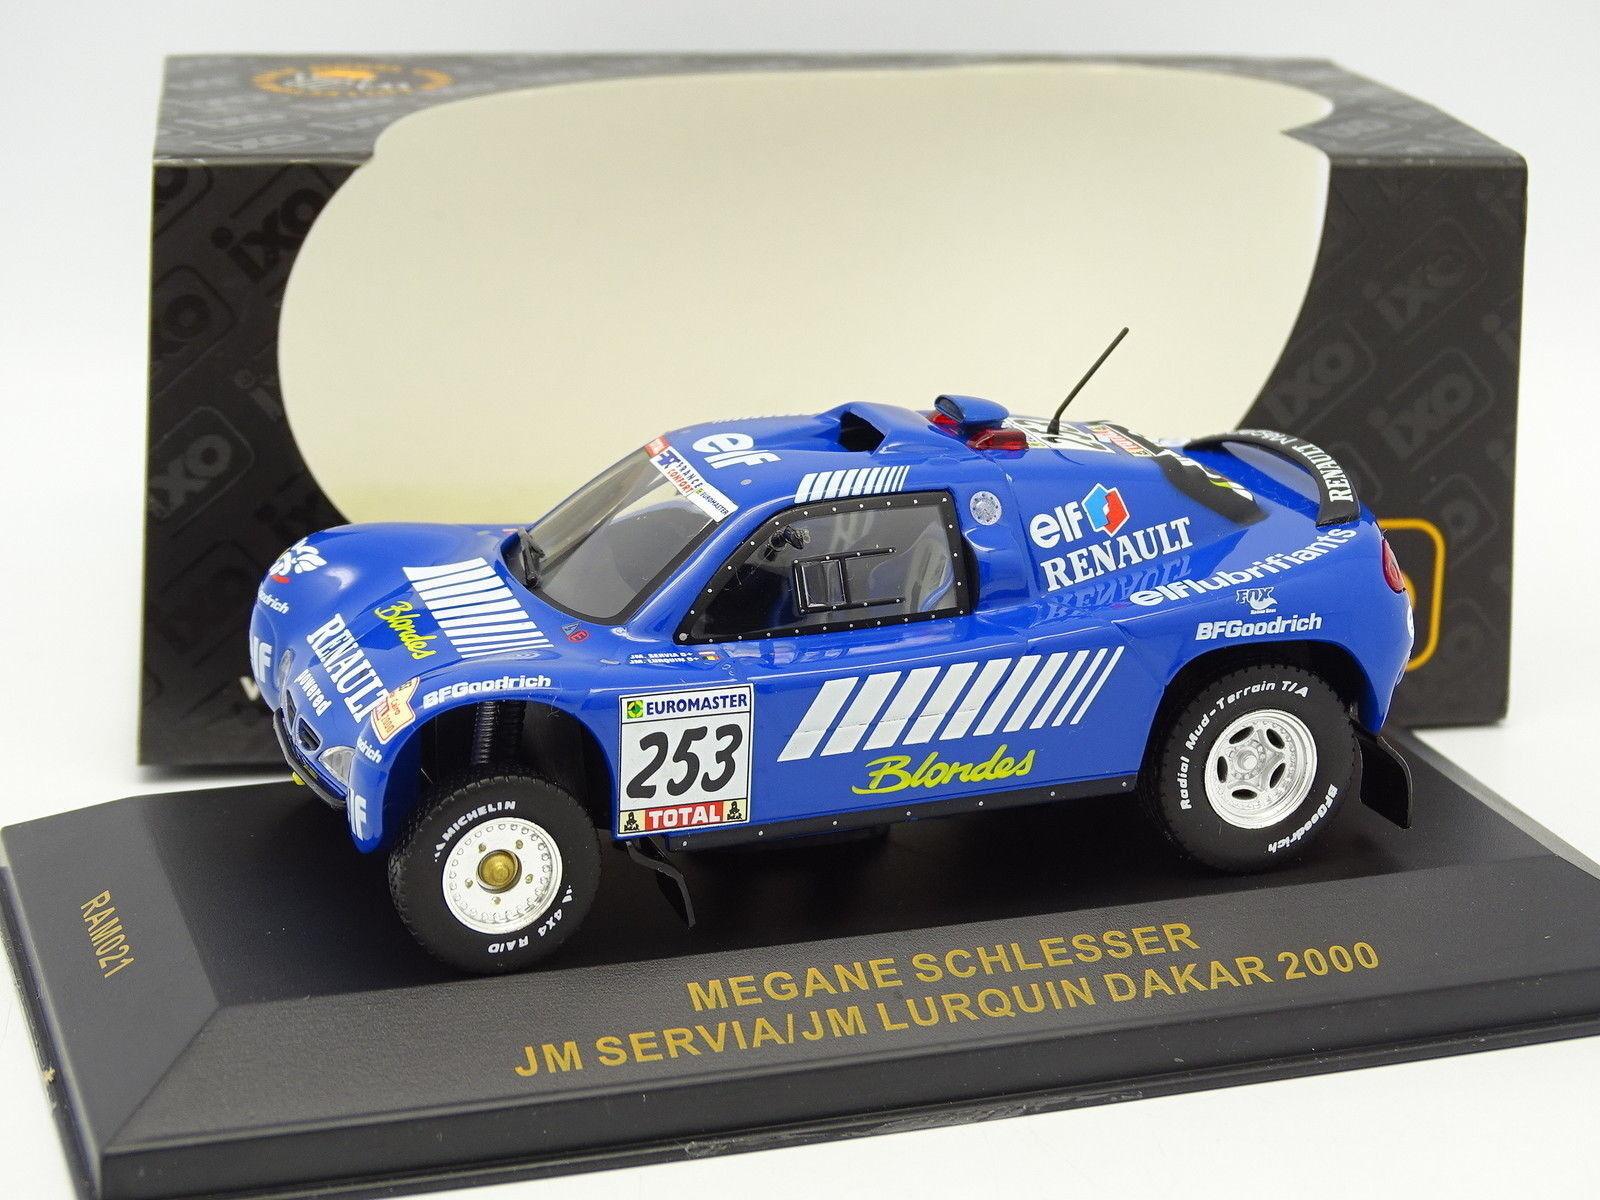 Ixo 1 43 - Renault Megane Schlesser Dakar Dakar Dakar 2000 Nº253 a49677